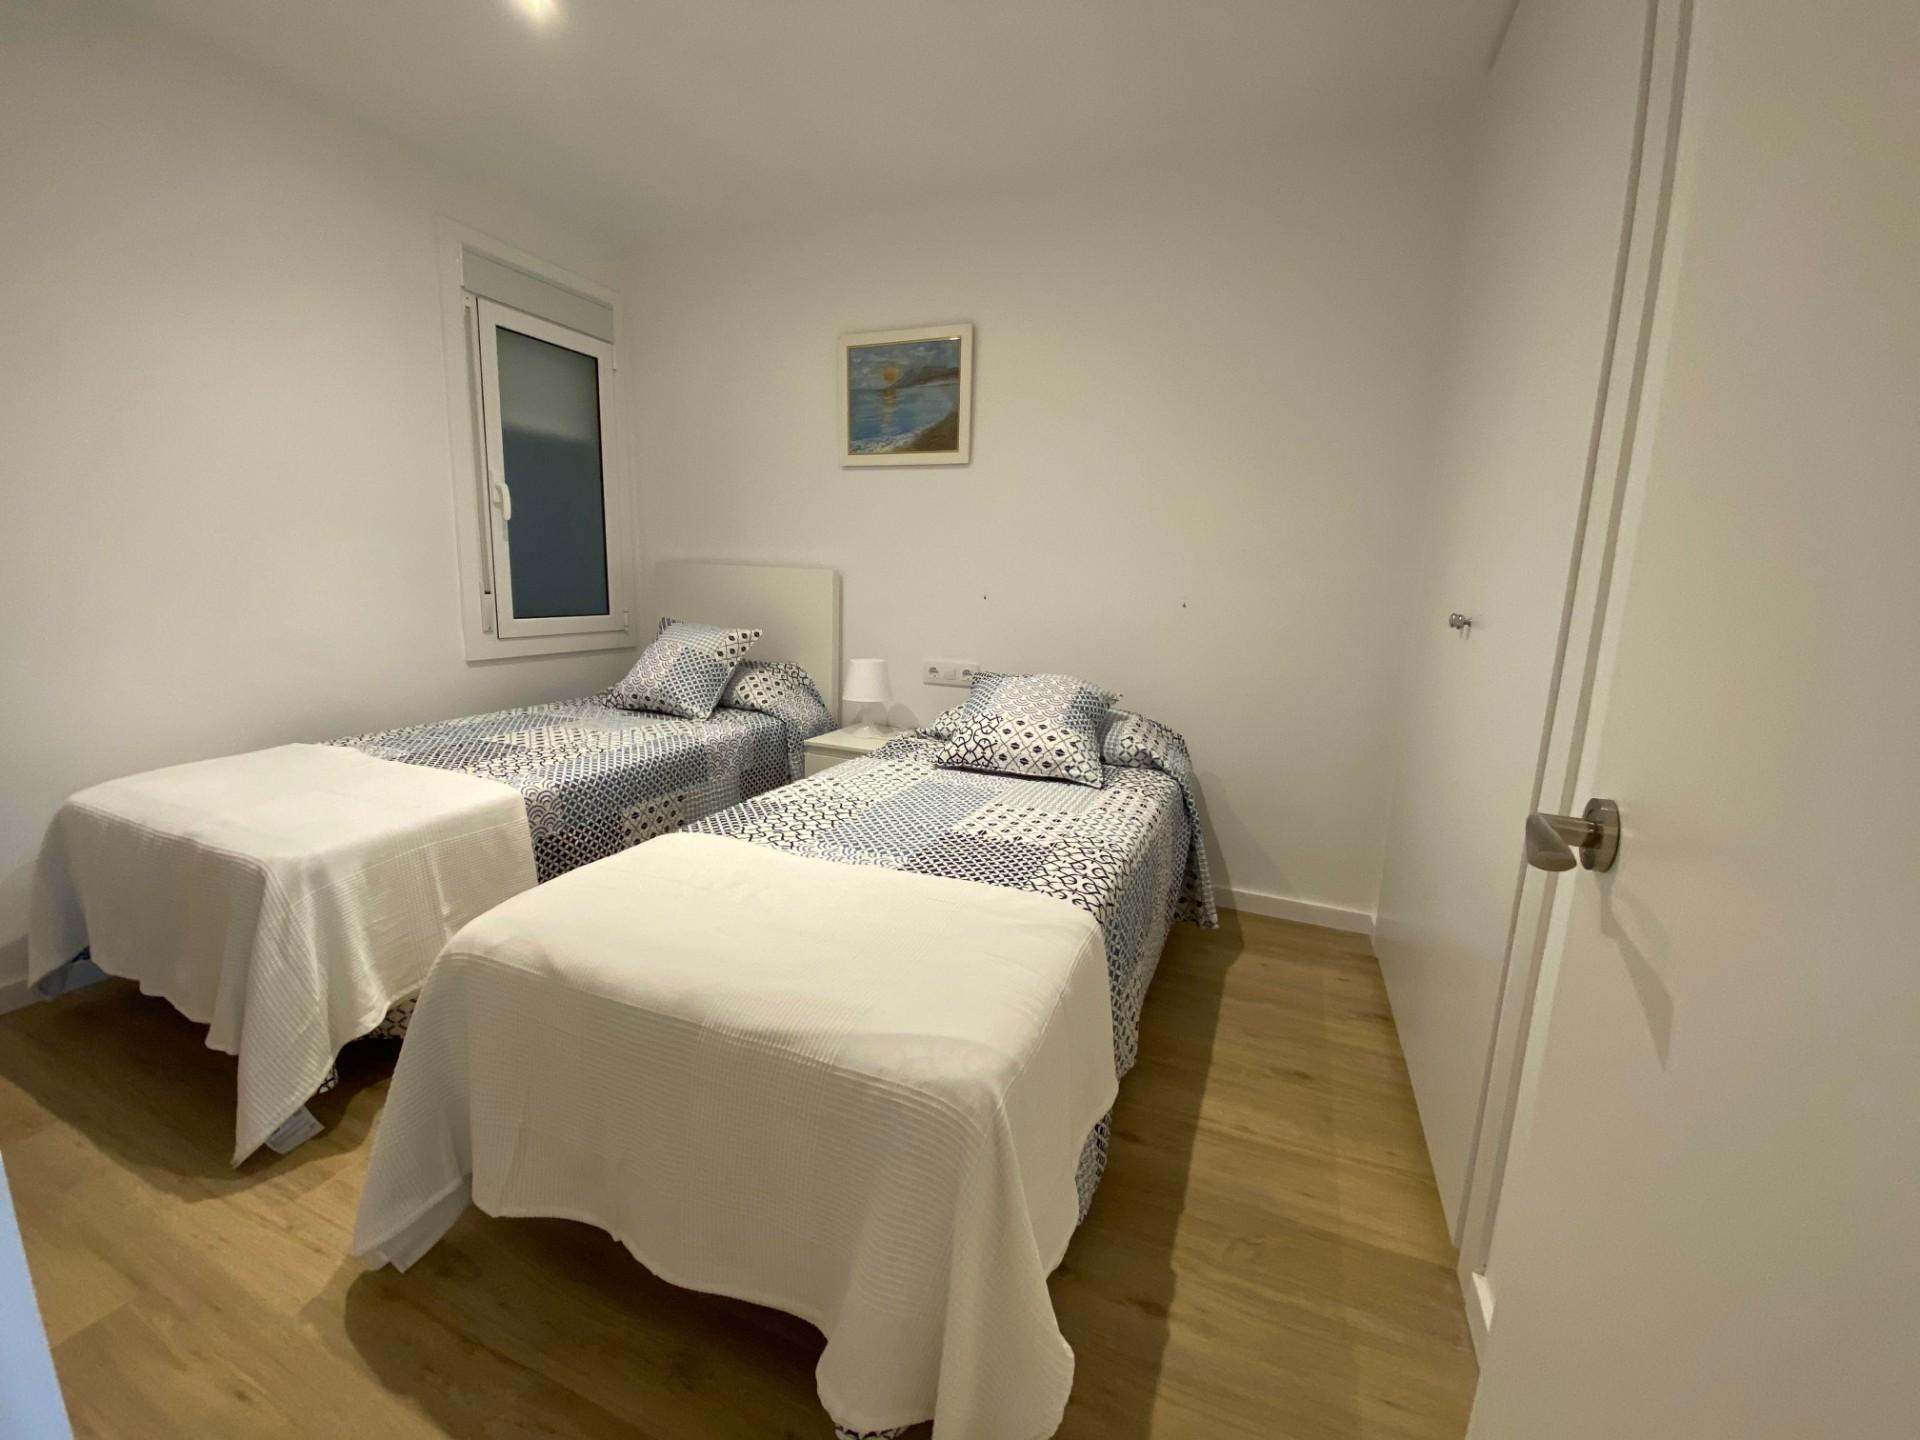 Dormitorio / dormitori / Chambre / Bedroom